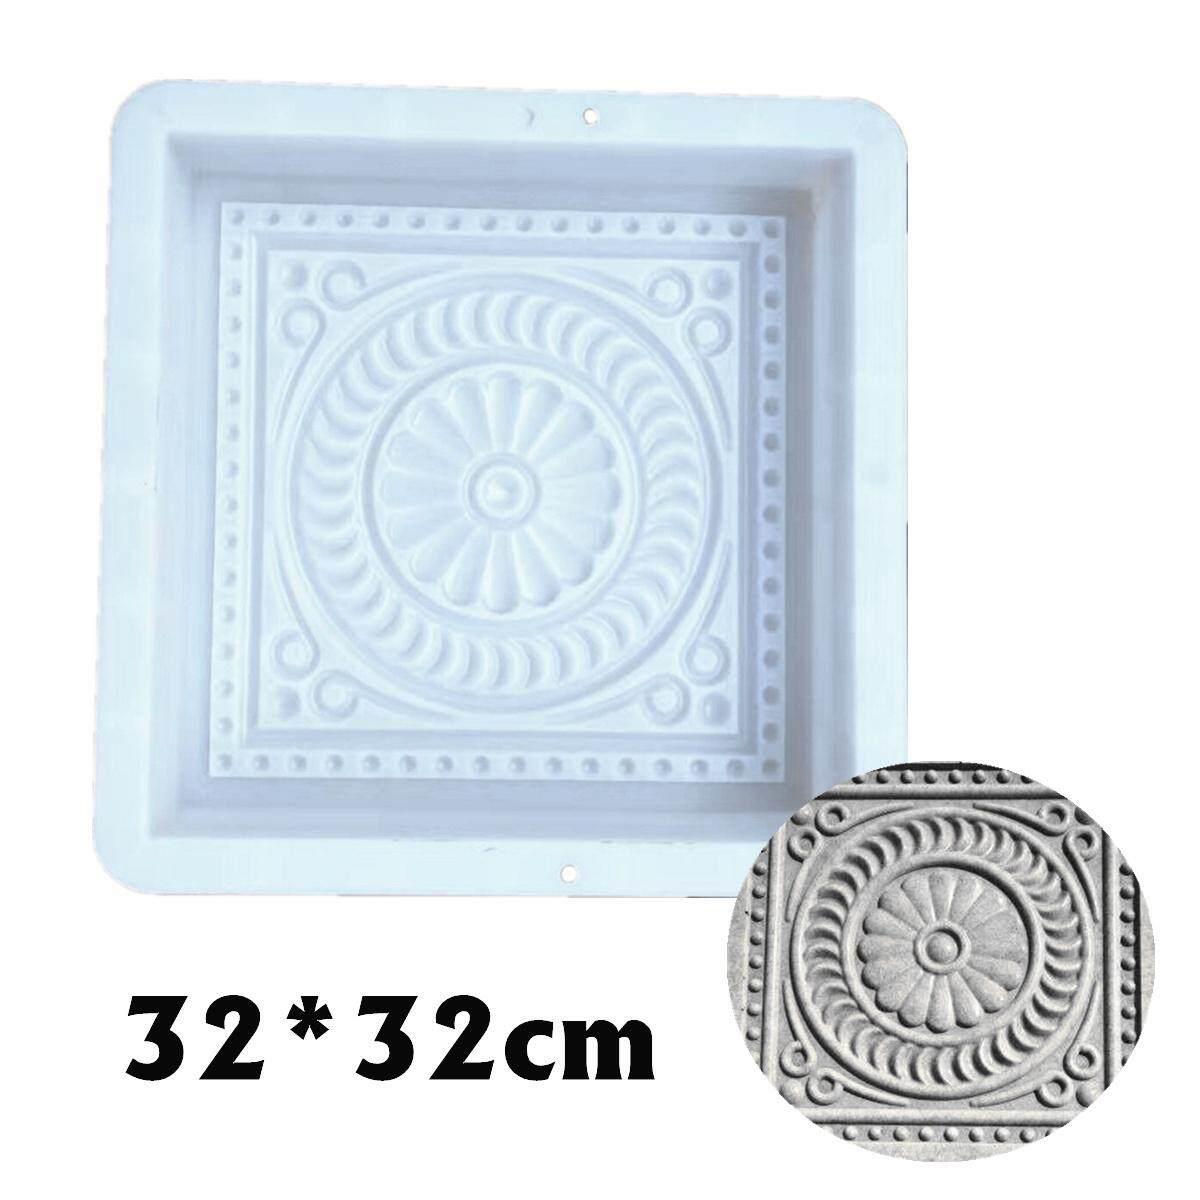 32*32 cm DIY Nhựa Vuông Con Đường Làm Khuôn Đường Lát Đá Xi Măng Khuôn Mẫu Gạch